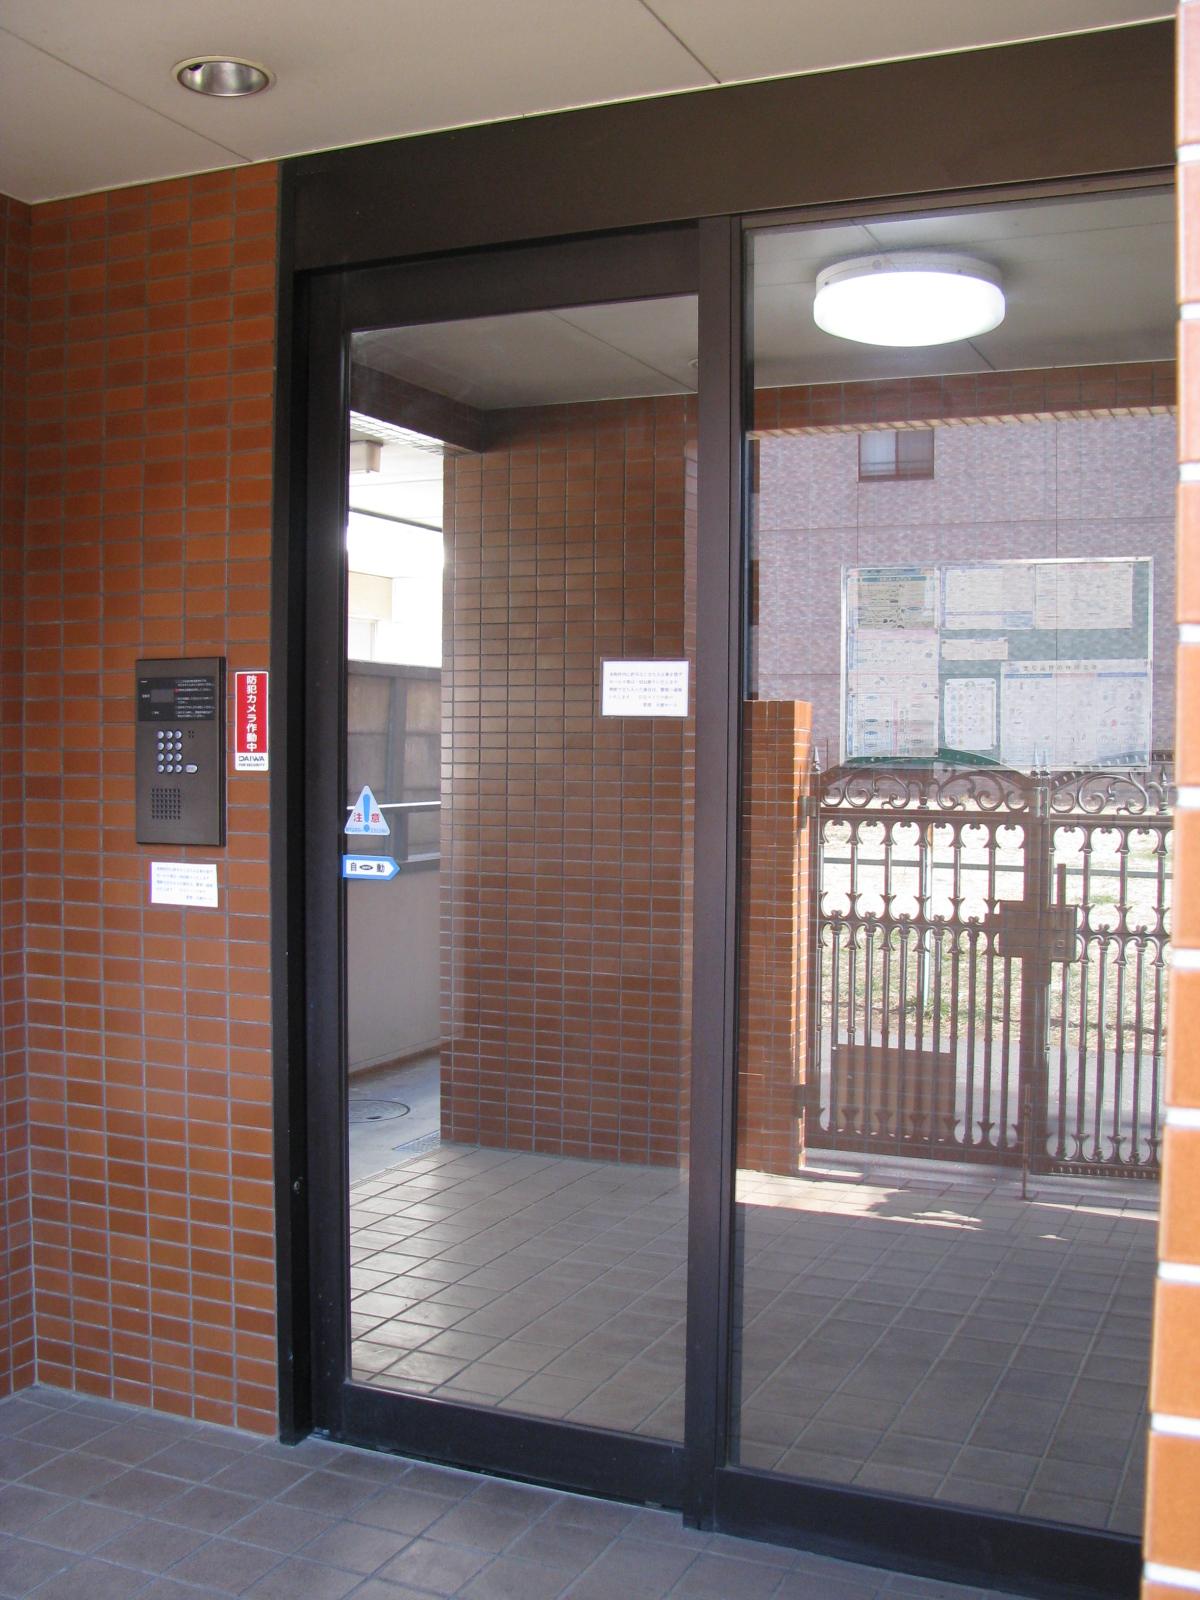 学生限定アパート オートロック JR中央線「武蔵小金井駅」徒歩2分 エミール小金井画像3